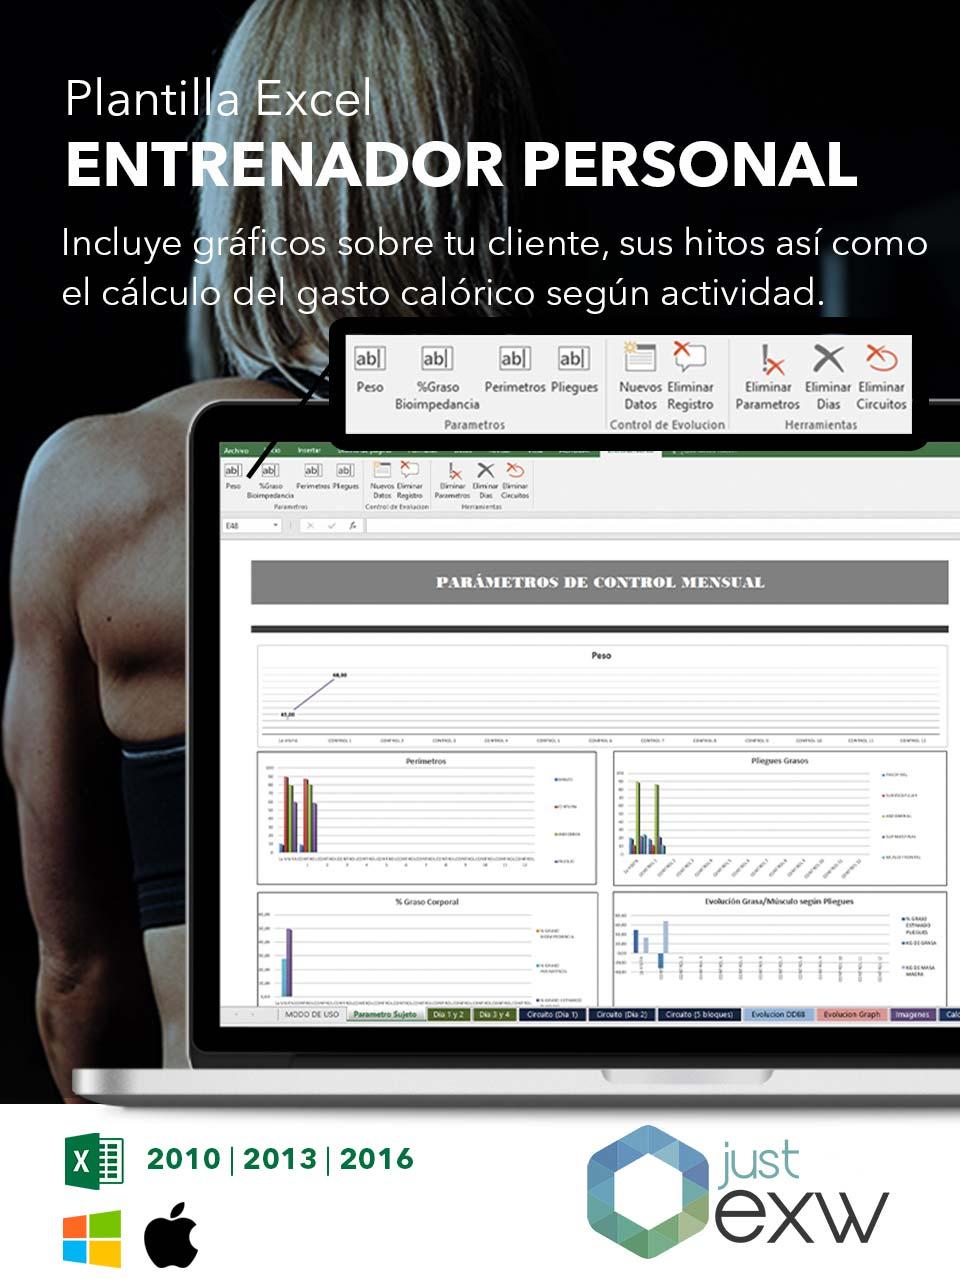 Plantilla de Entrenamiento deportivo en Excel | Plantilla para descargar